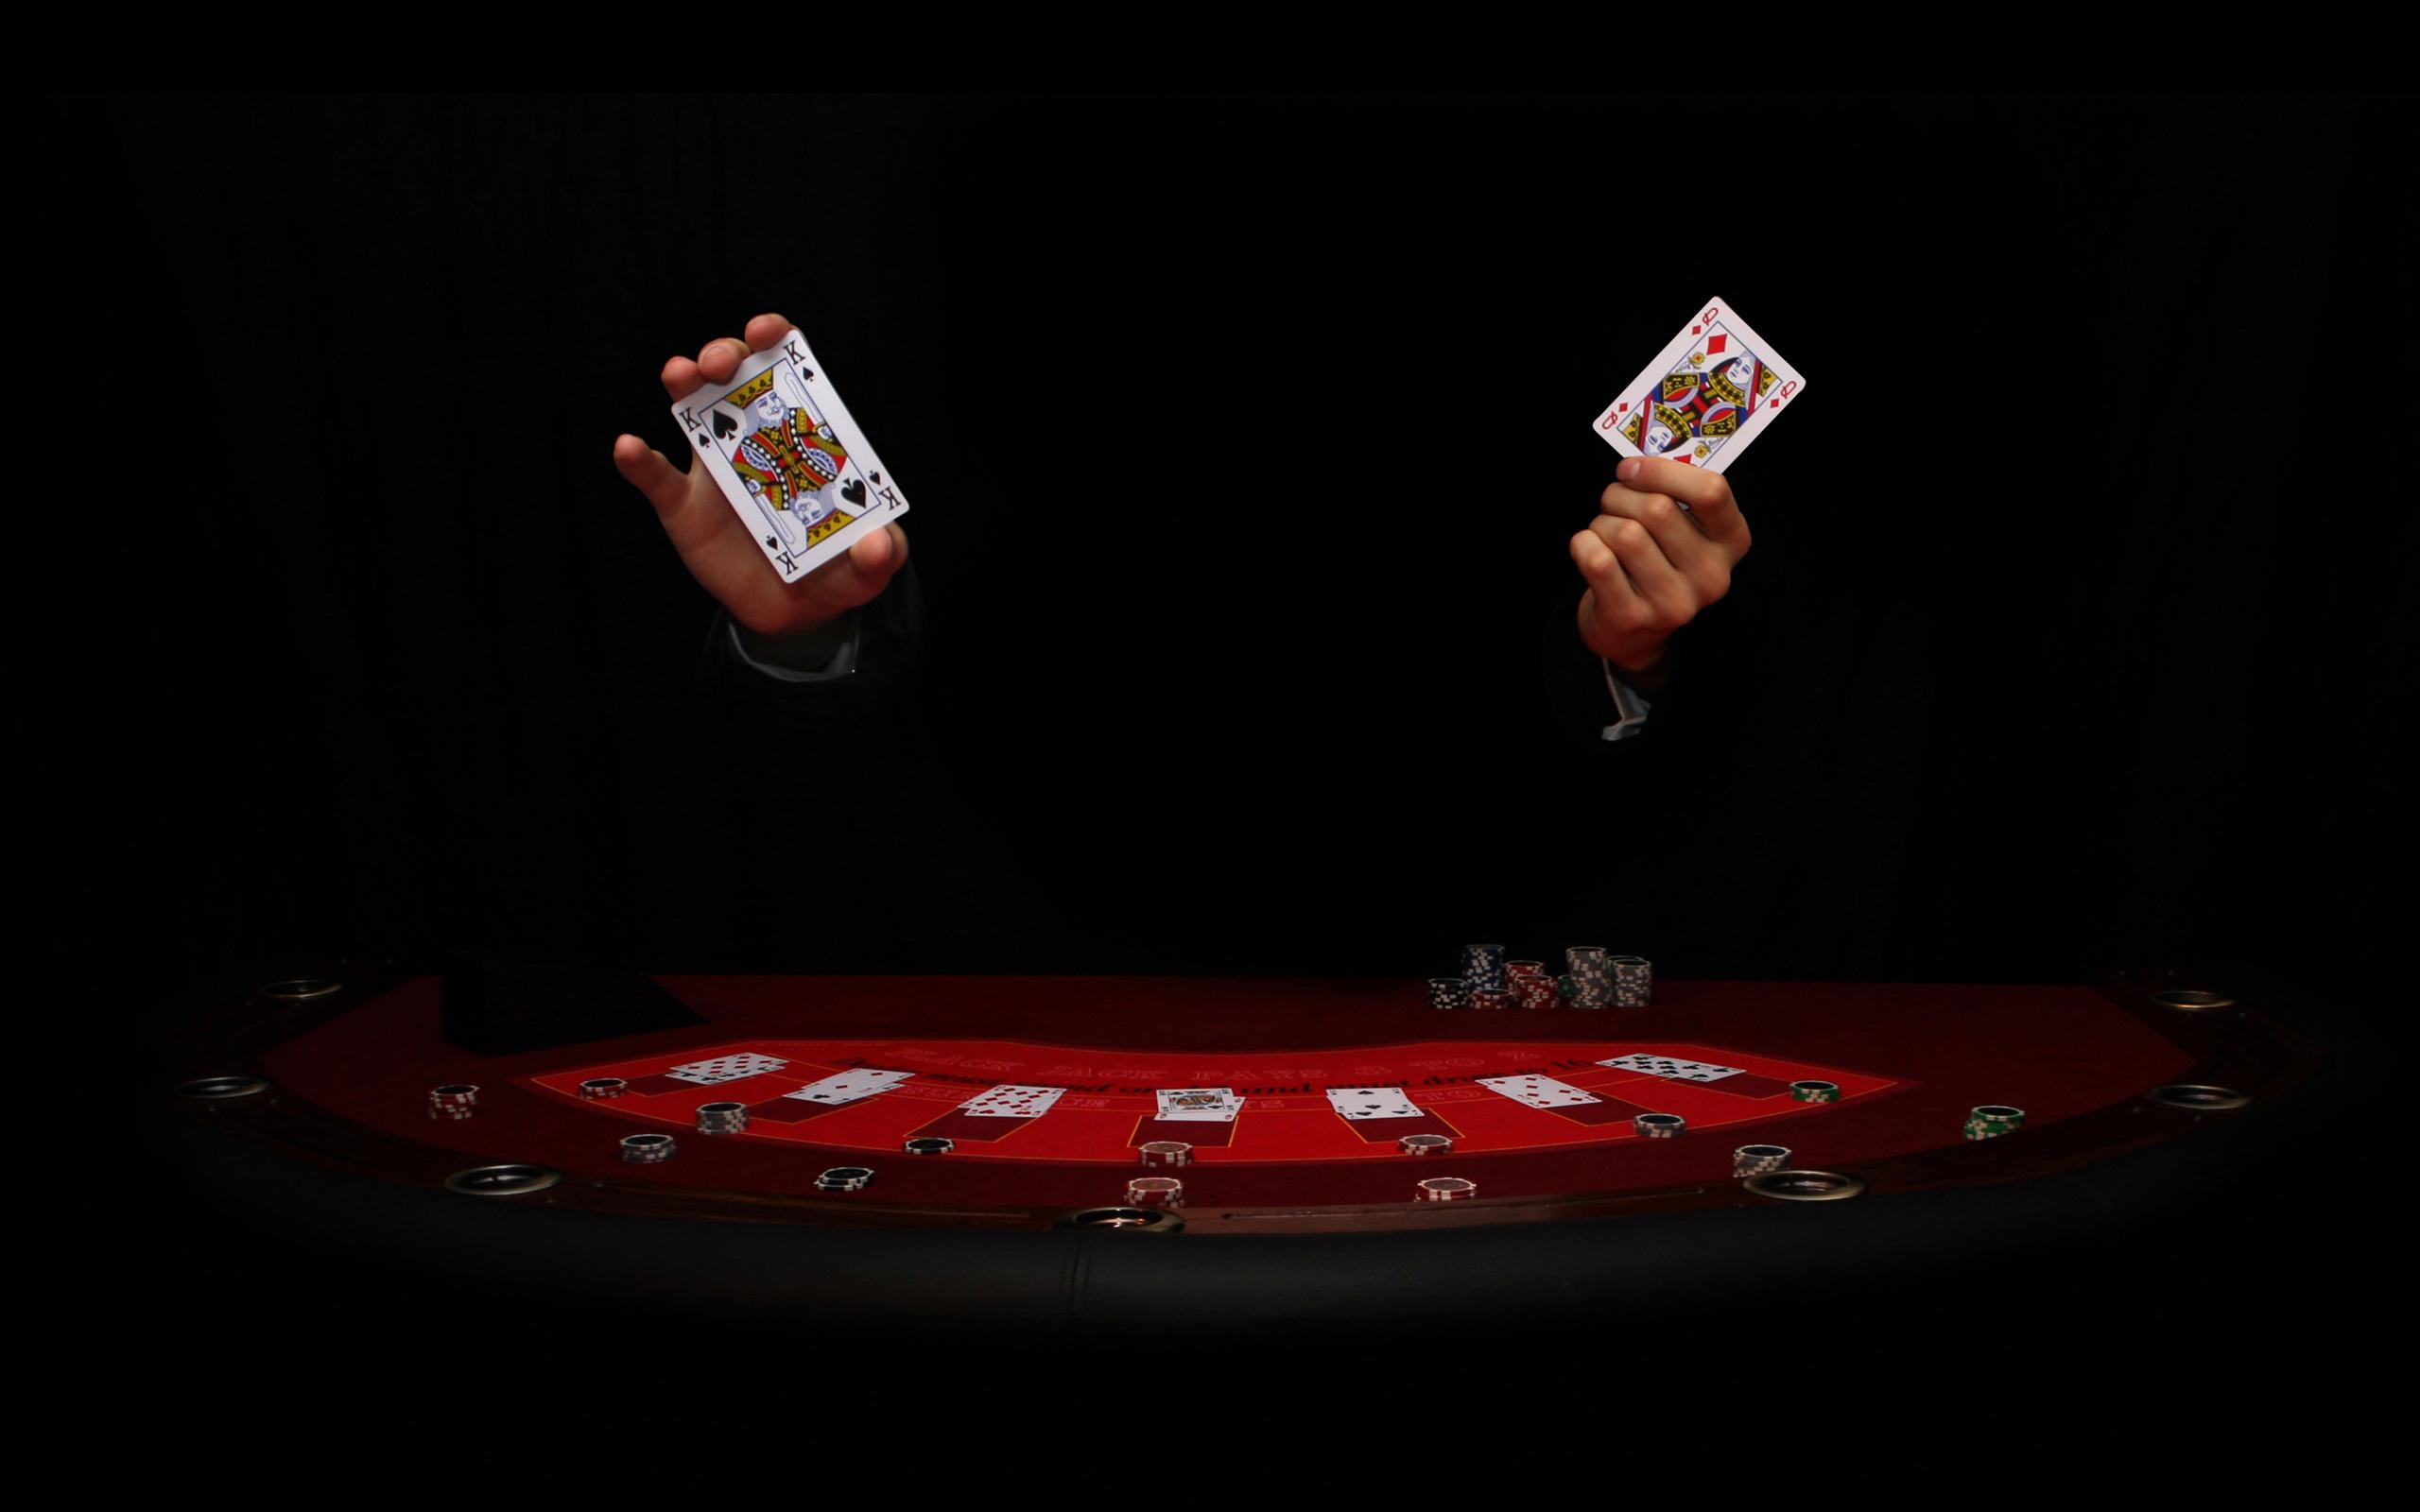 игры в автоматы в казино бесплатно и без регистрации в онлайн